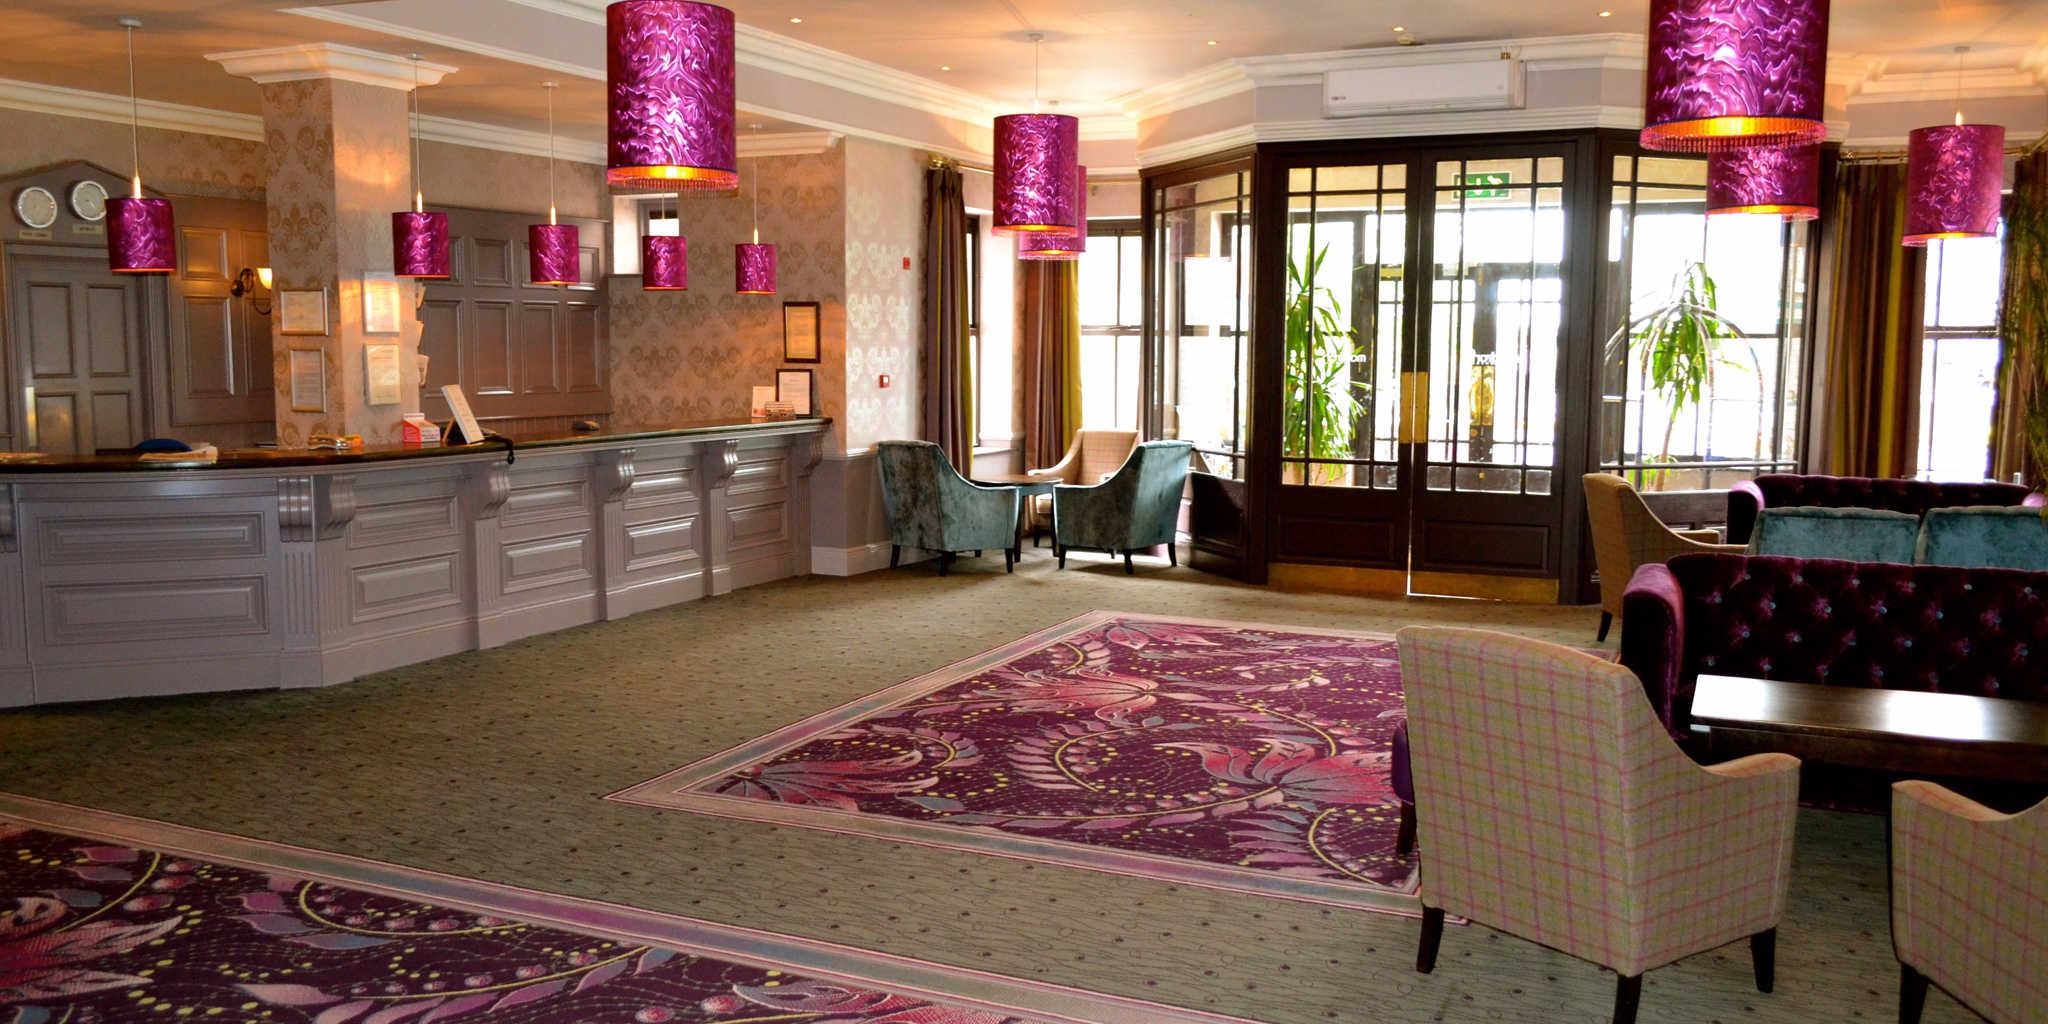 hotel lobby galway wg